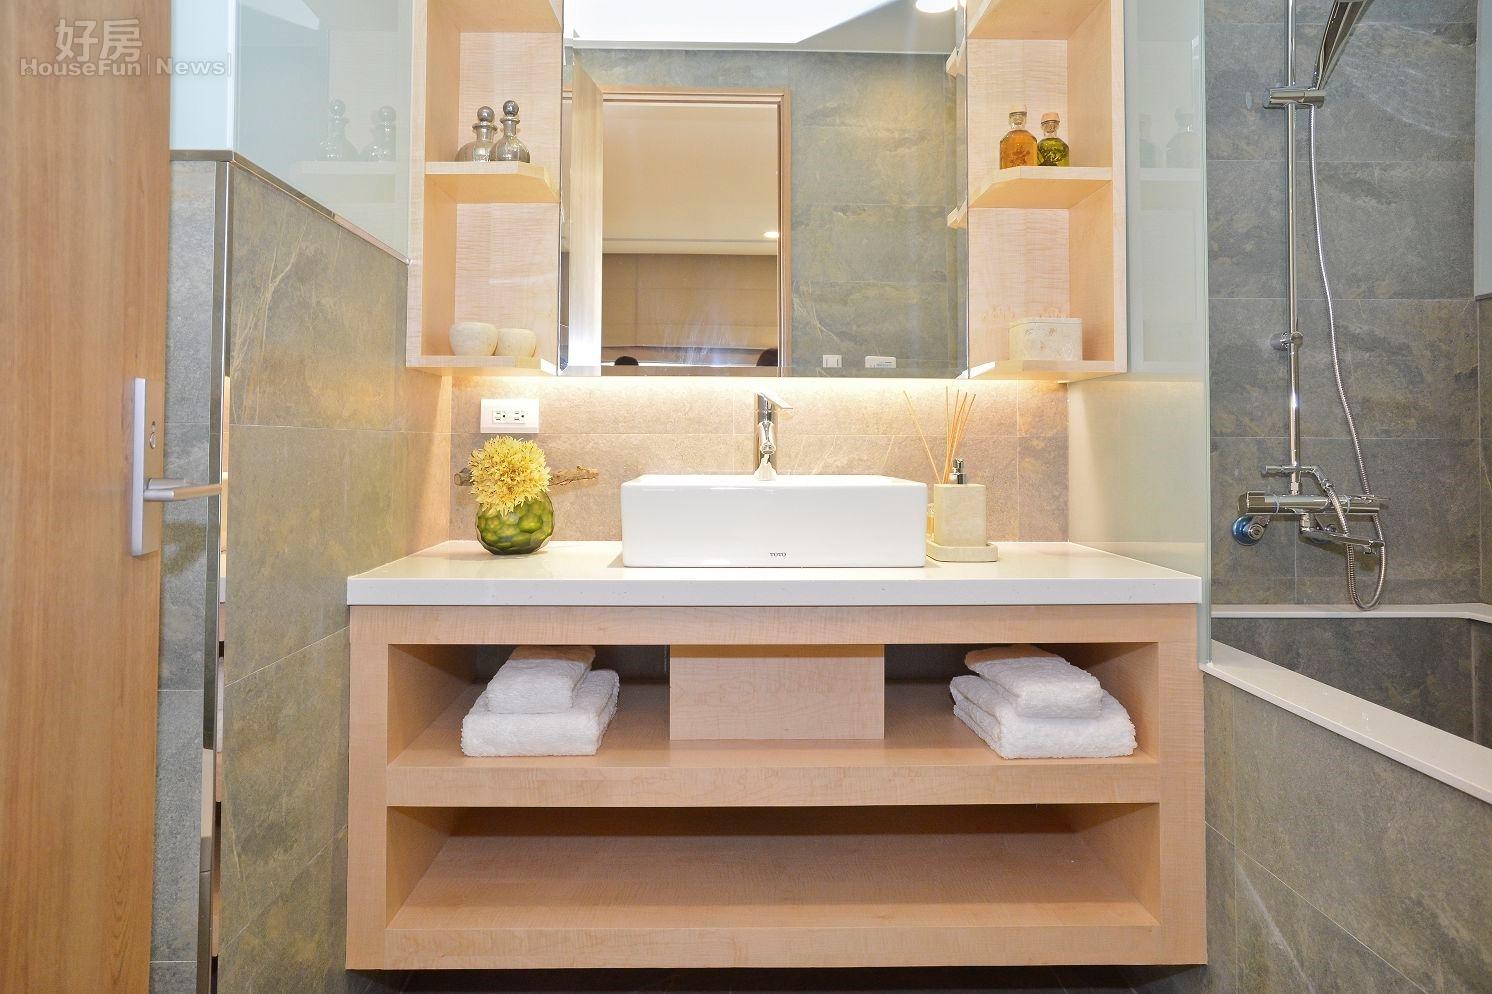 松下營造在臺首案落成 蓋不一樣的房子   浴室也可看出純正日式風格的設計,木製隔層的櫃子與金色的浴缸 ...